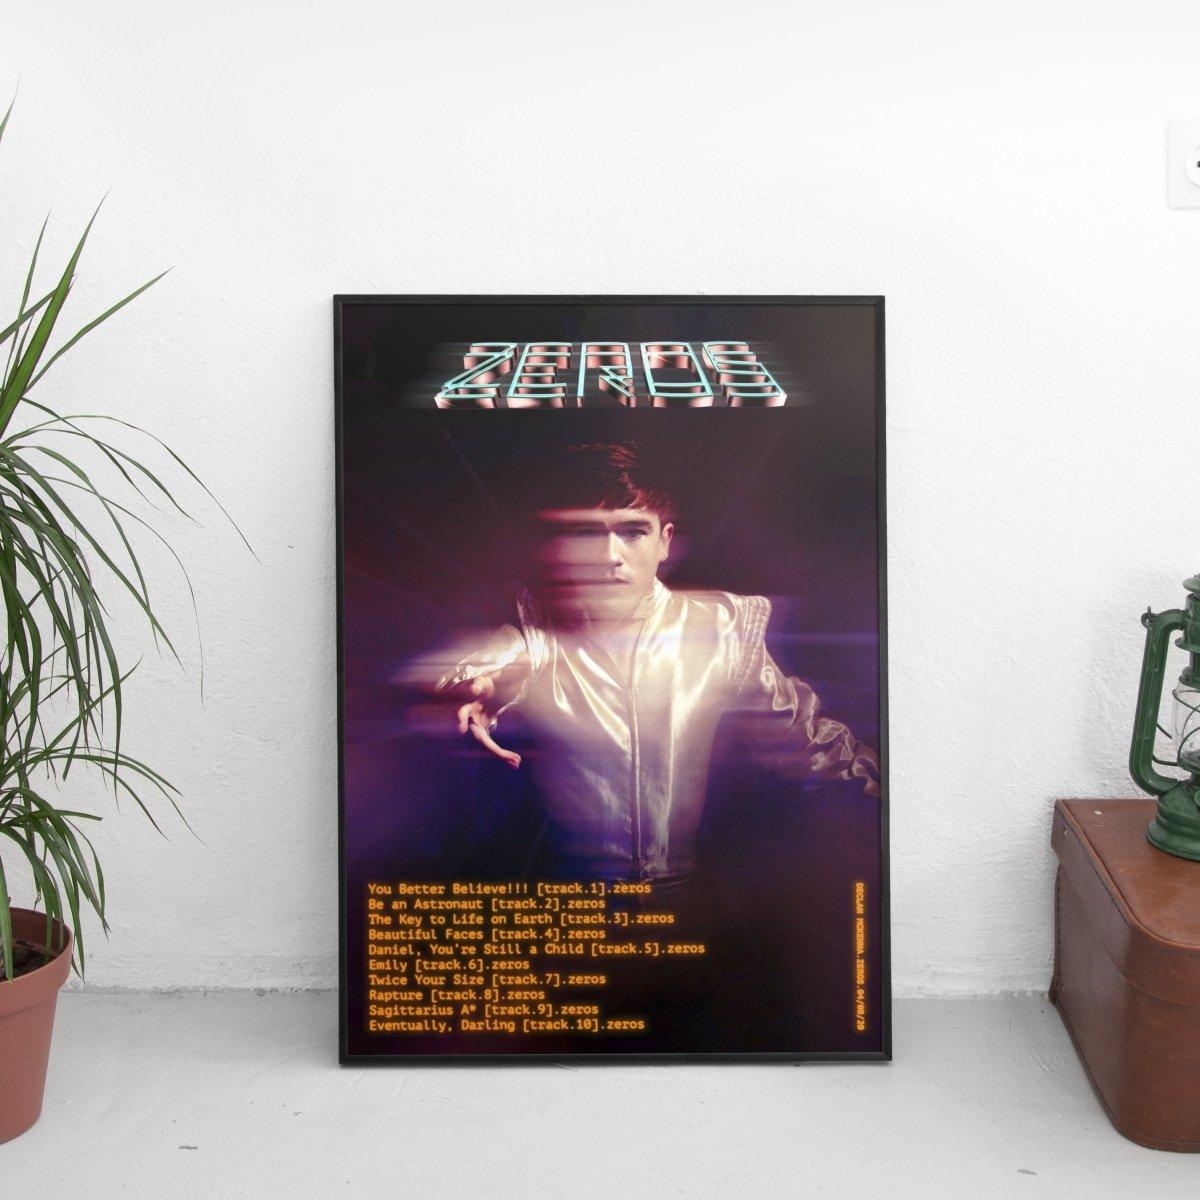 Declan Mckenna - Zeros Tracklist Poster